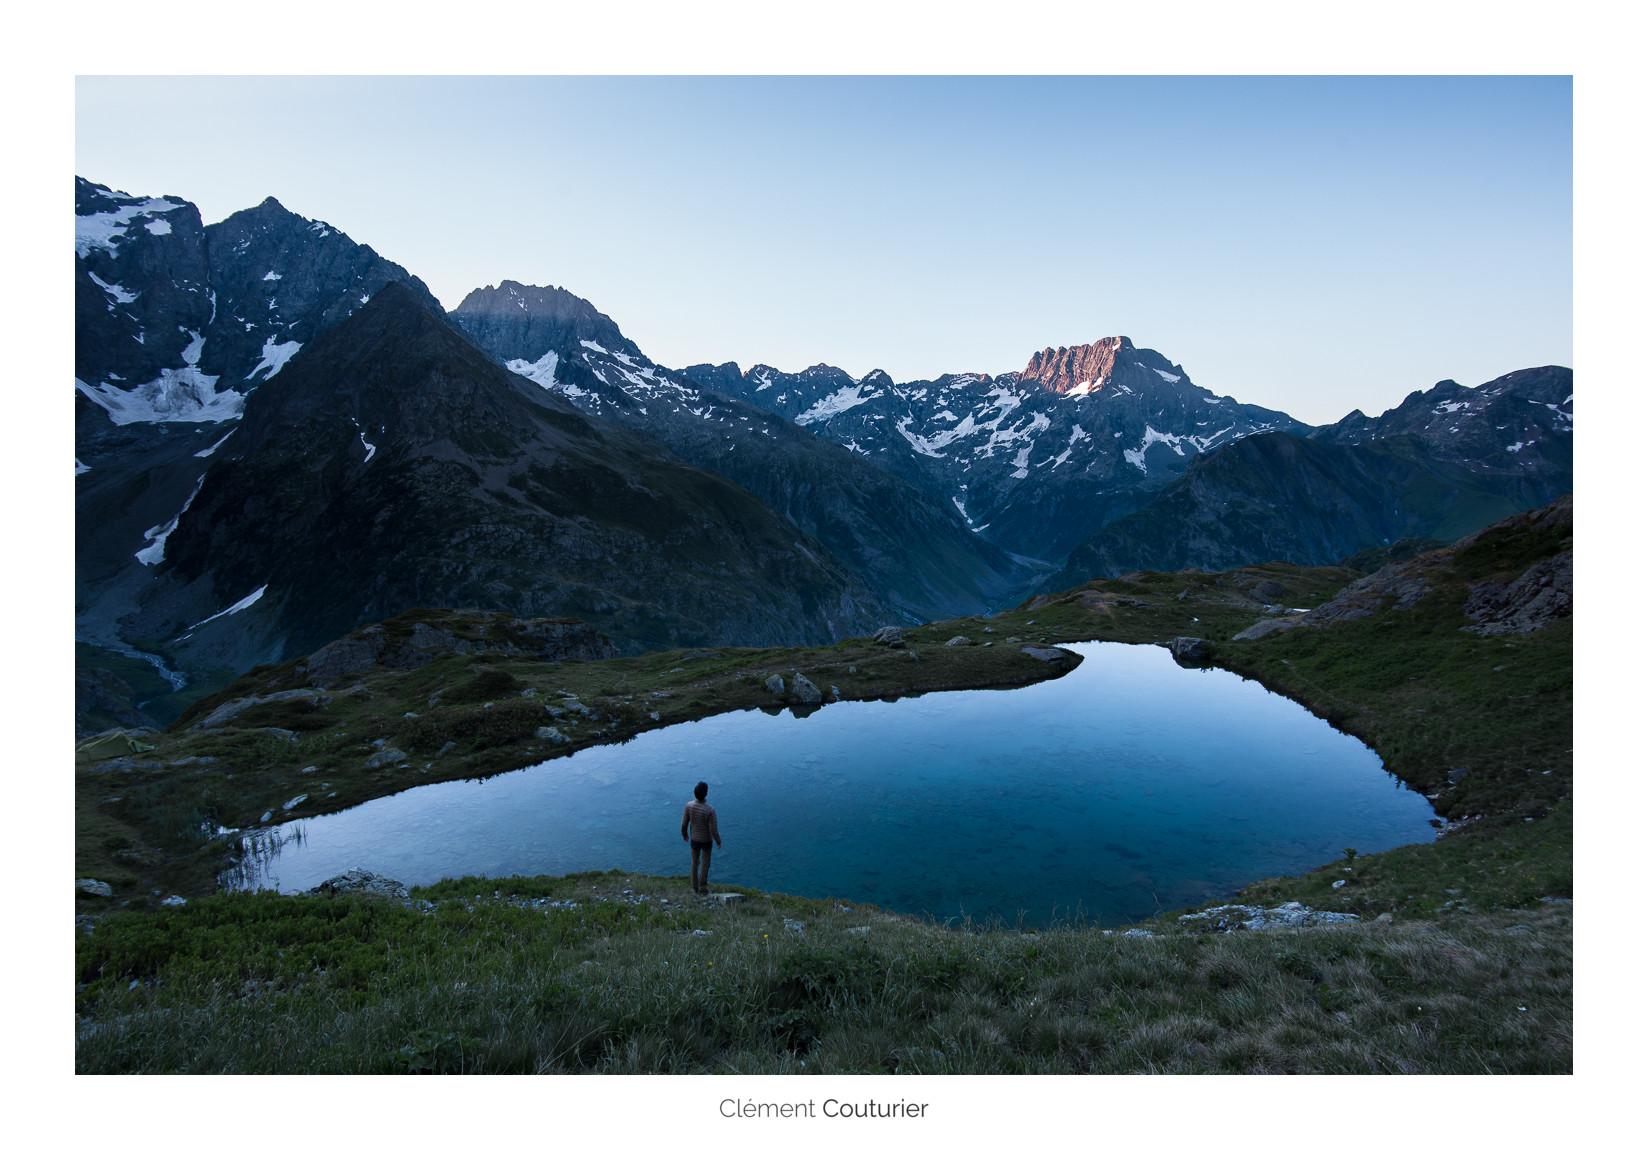 lac de montagne 2 - Clément Couturier